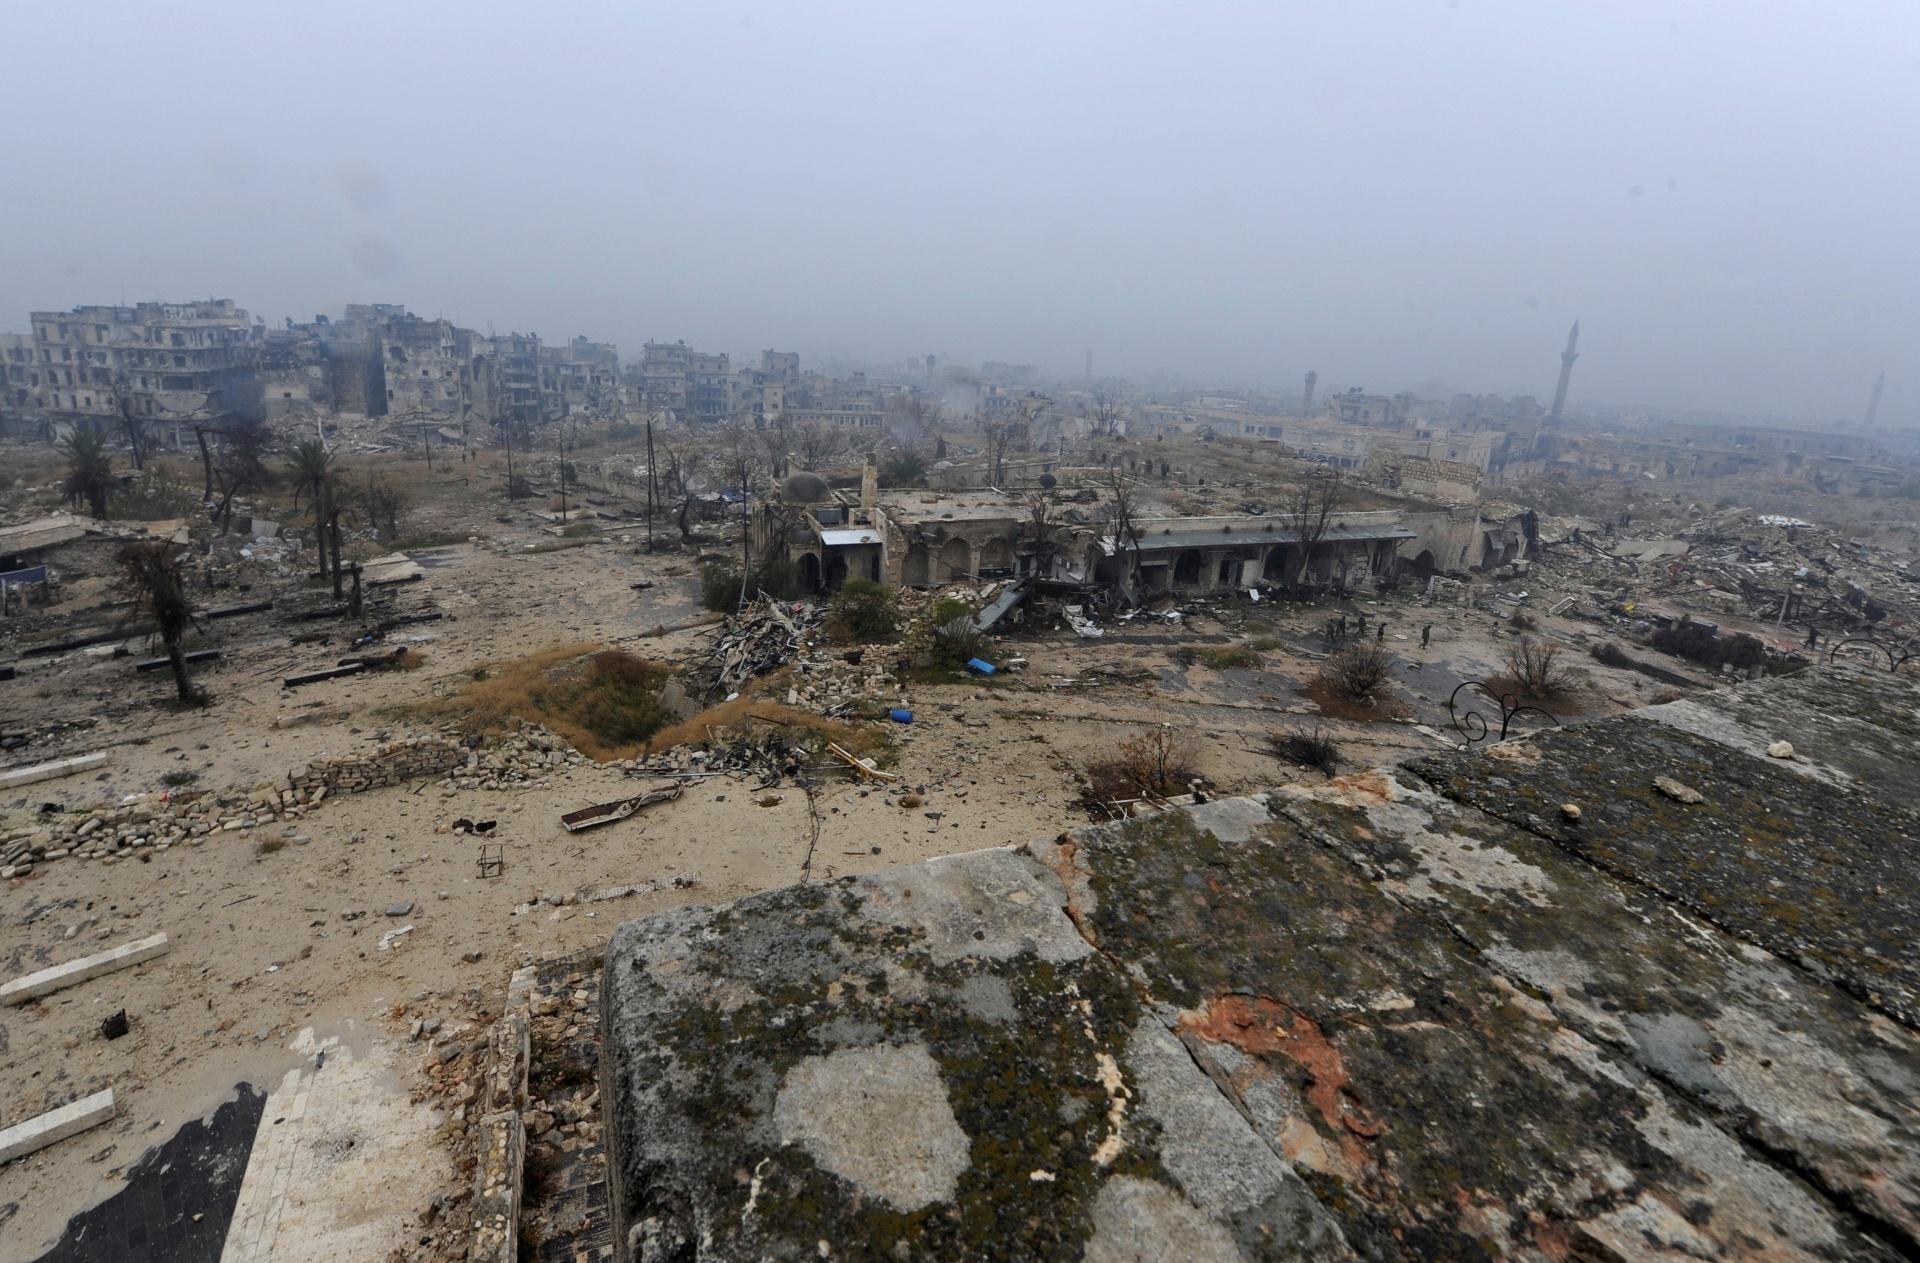 22.dez.2016 - Já em dezembro de 2016, a vista geral da cidade de Aleppo, na Síria, não parece mais um local agradável para passar as tardes e só escombros restaram. A cidade foi classificada como Patrimônio da Humanidade pela ONU (Organização das Nações Unidas), e sua destruição causa grande preocupação para arqueólogos e historiadores